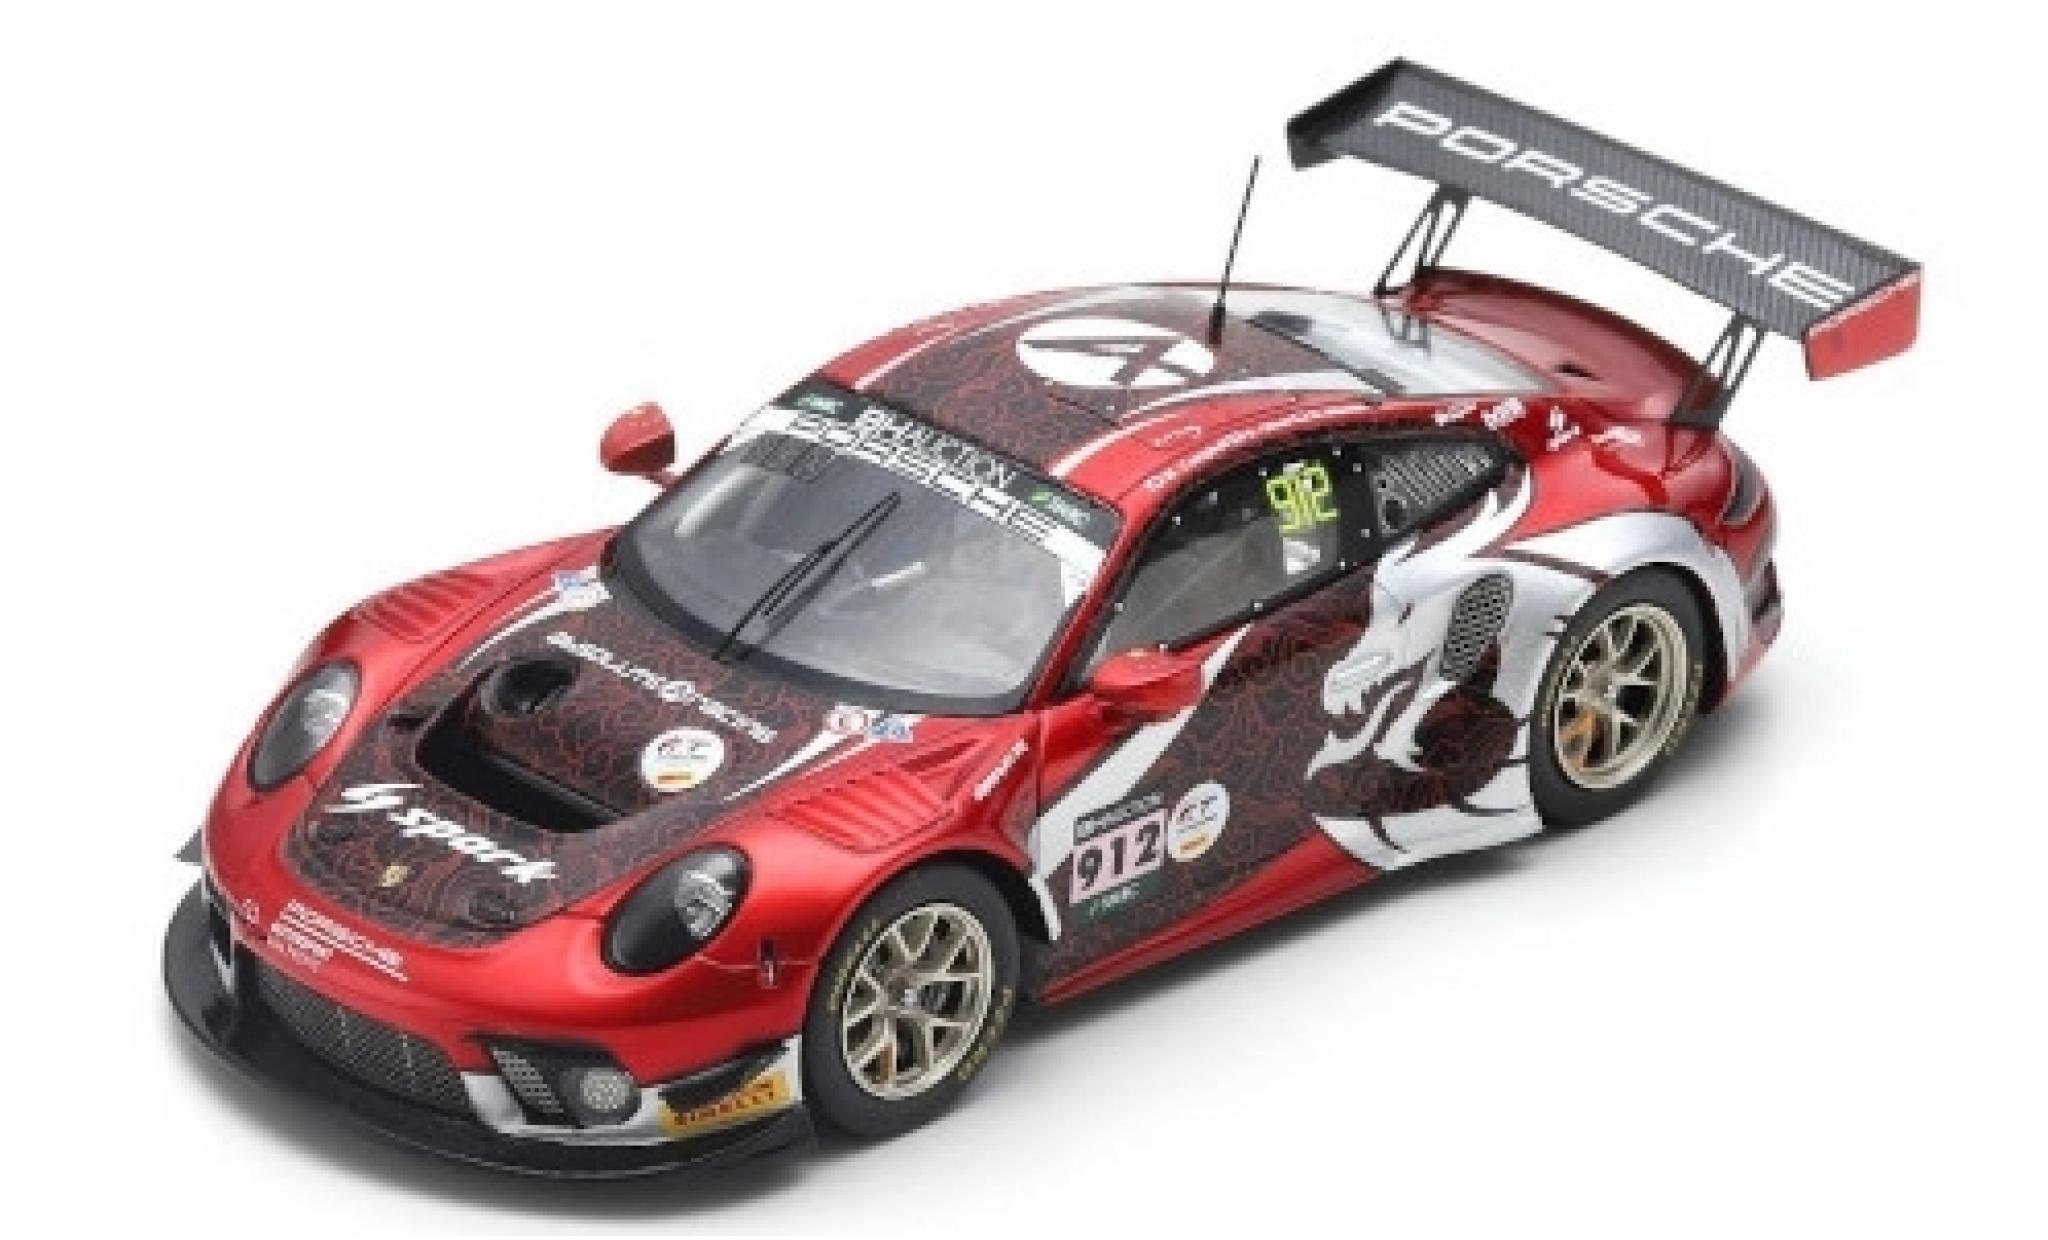 Porsche 992 GT3 R 1/43 Spark 911 (991) No.912 Absolute Racing 10H Suzuka 2019 D.Olsen/M.Campbell/D.Werner